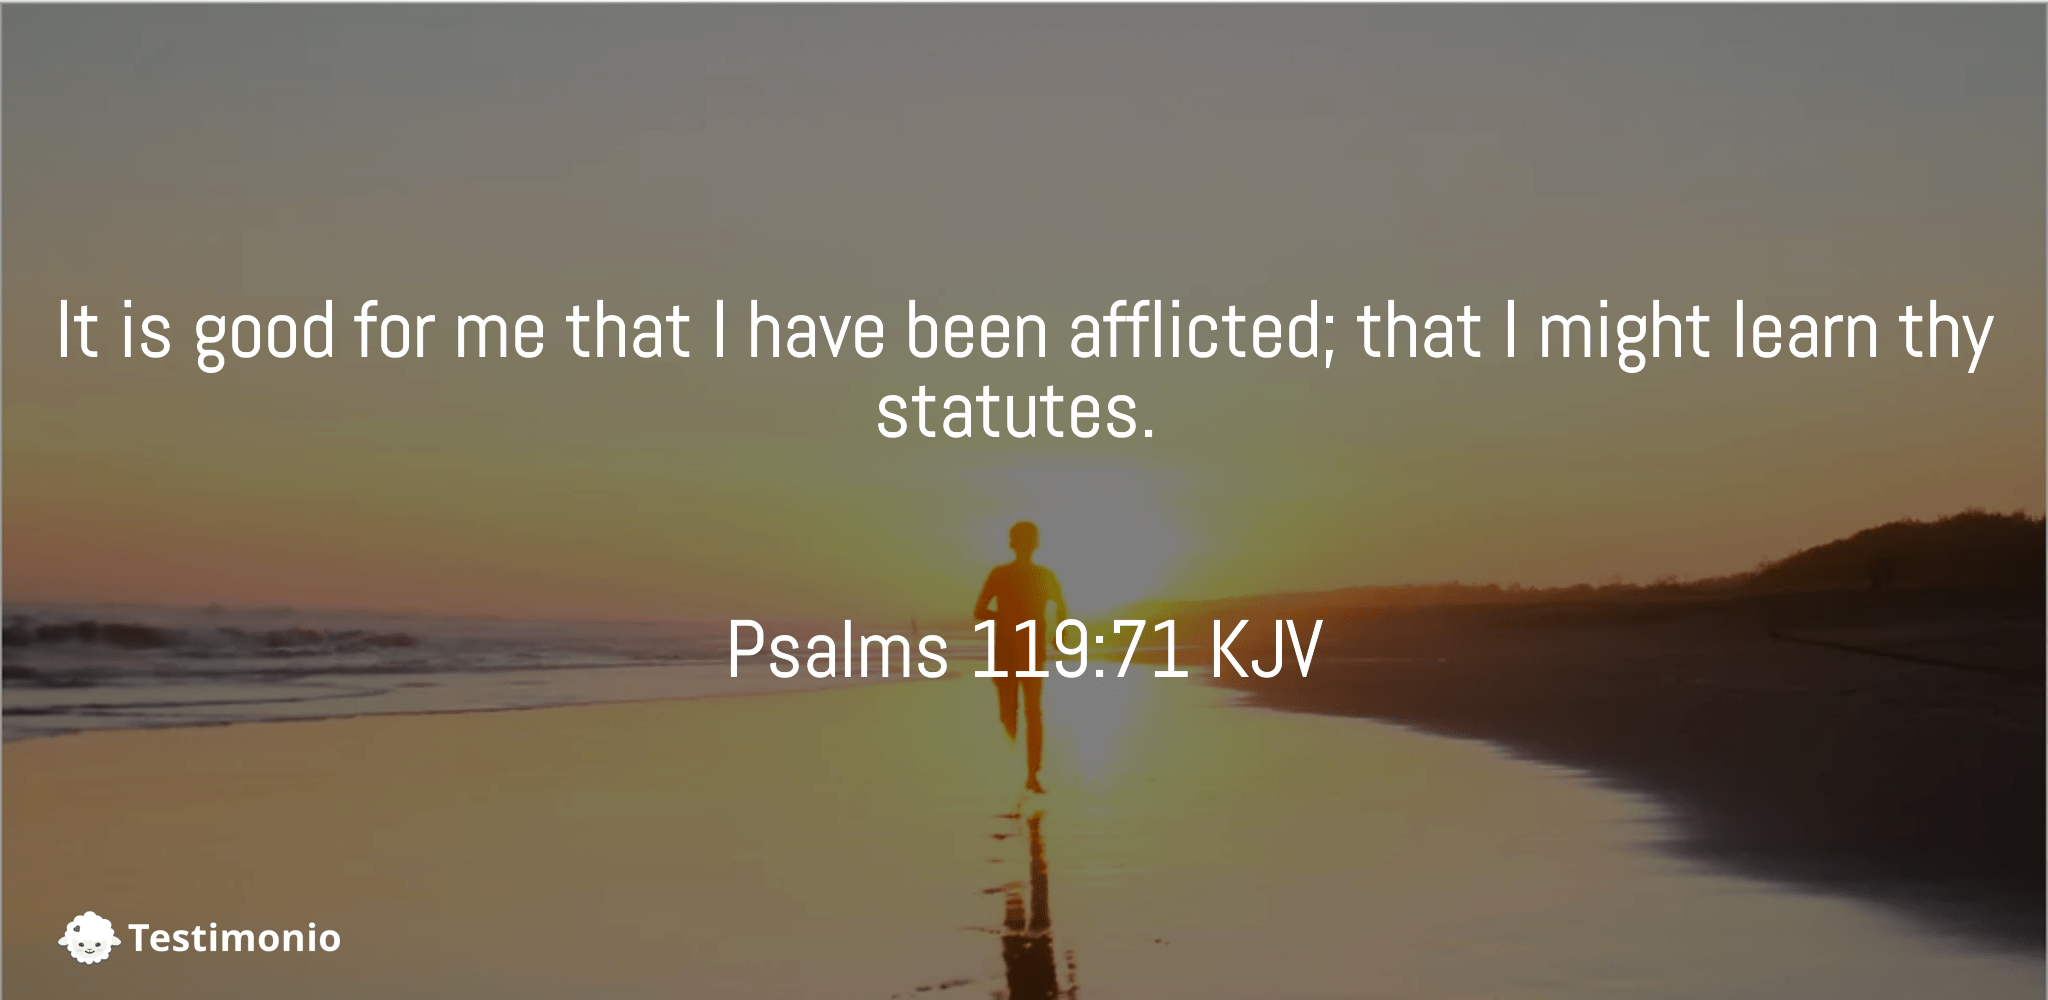 Psalms 119:71